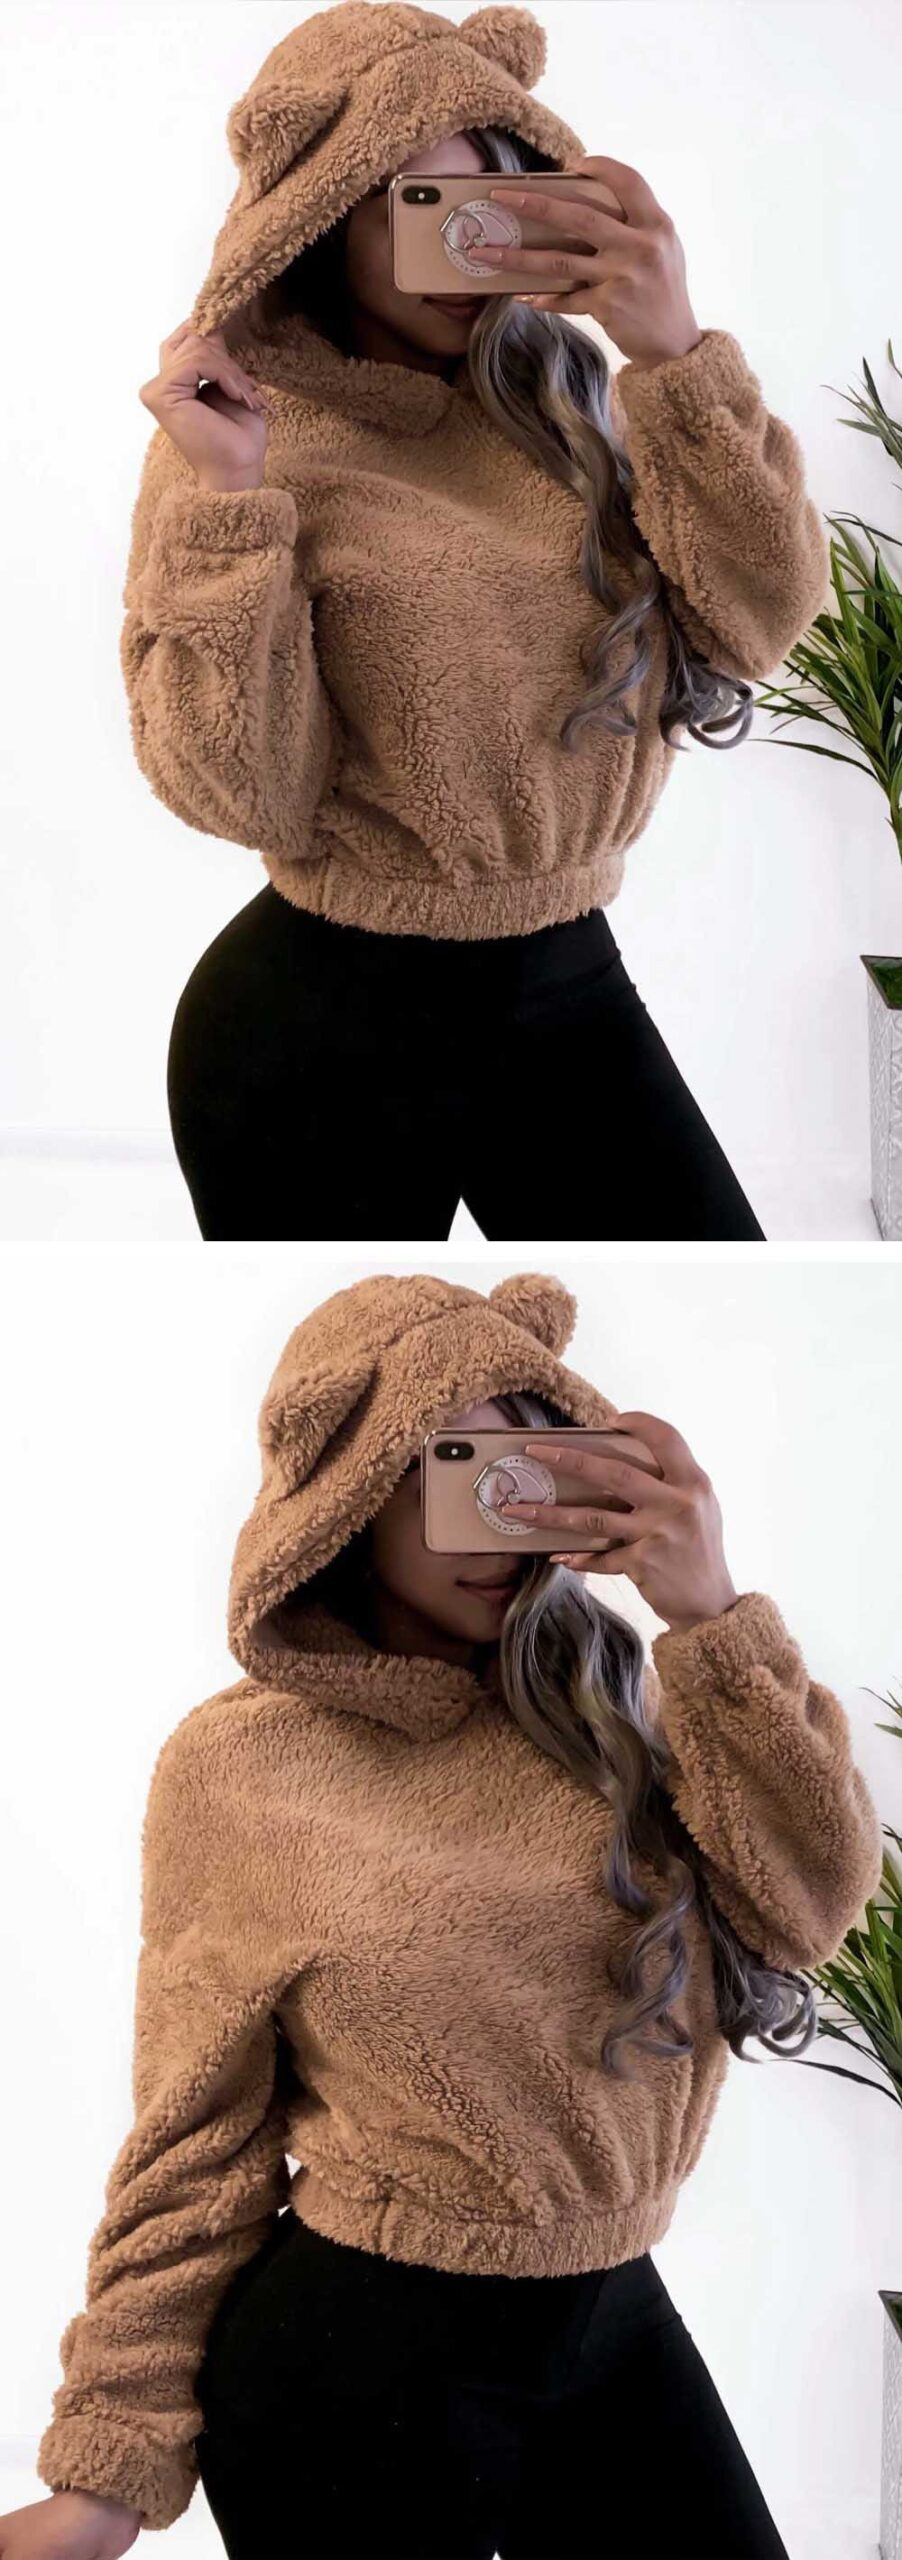 Niedźwiedź uszy ciepłe pluszowe bluzy z kapturem kobiety jesień ramię krótki Top Teddy 2019 modna sweter bluza Kawaii Harajuku bluza z kapturem